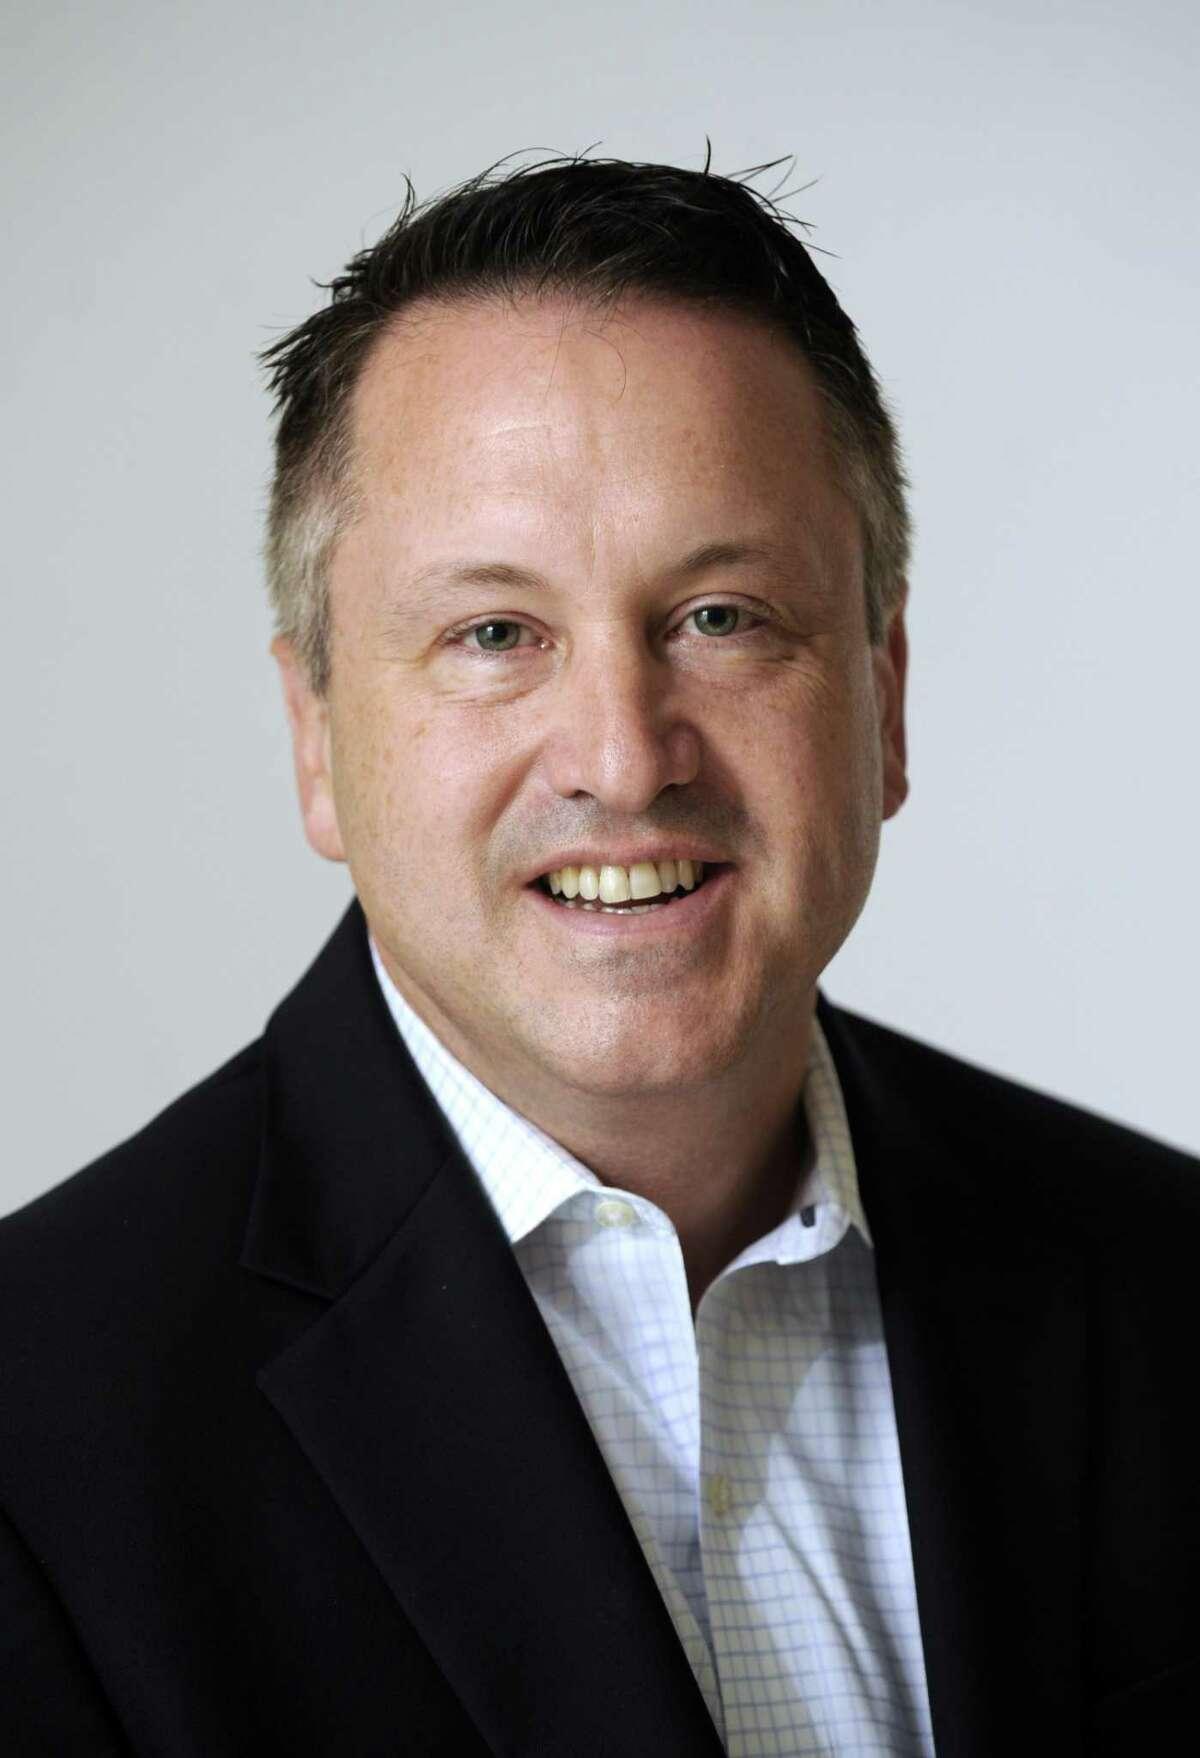 State Sen. Rob Kane, R-Watertown